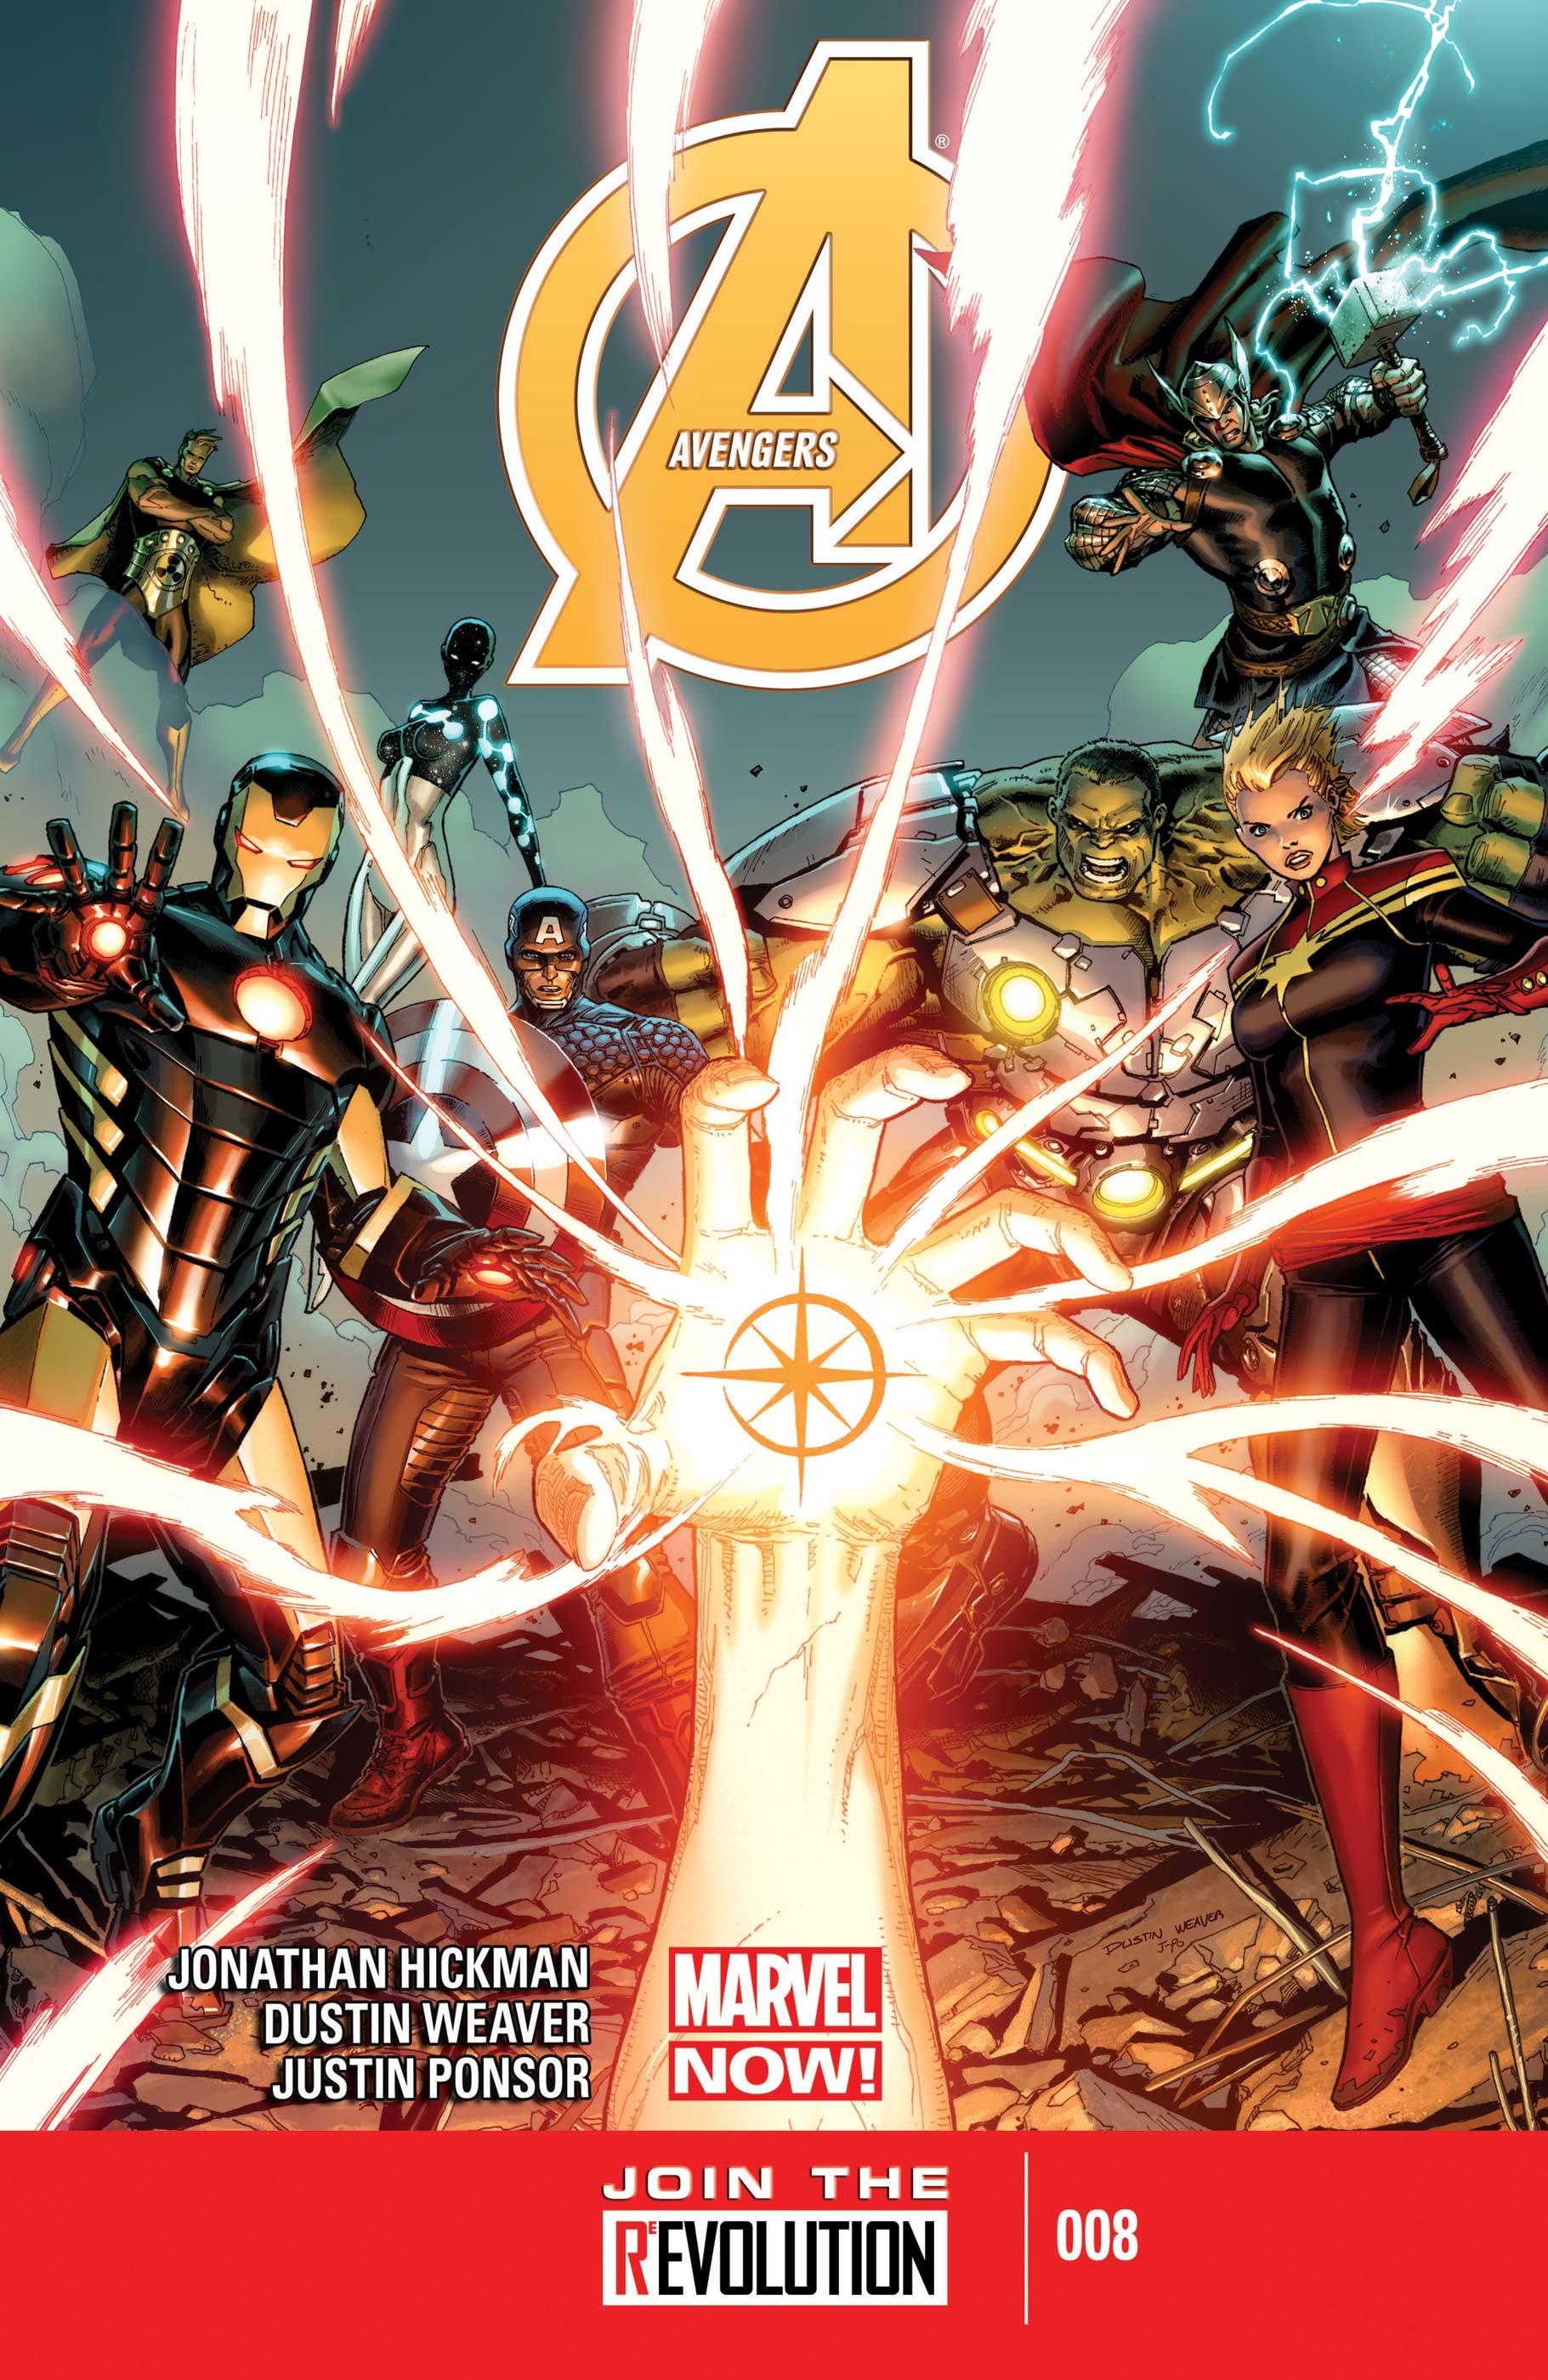 Avengers (2012) #8